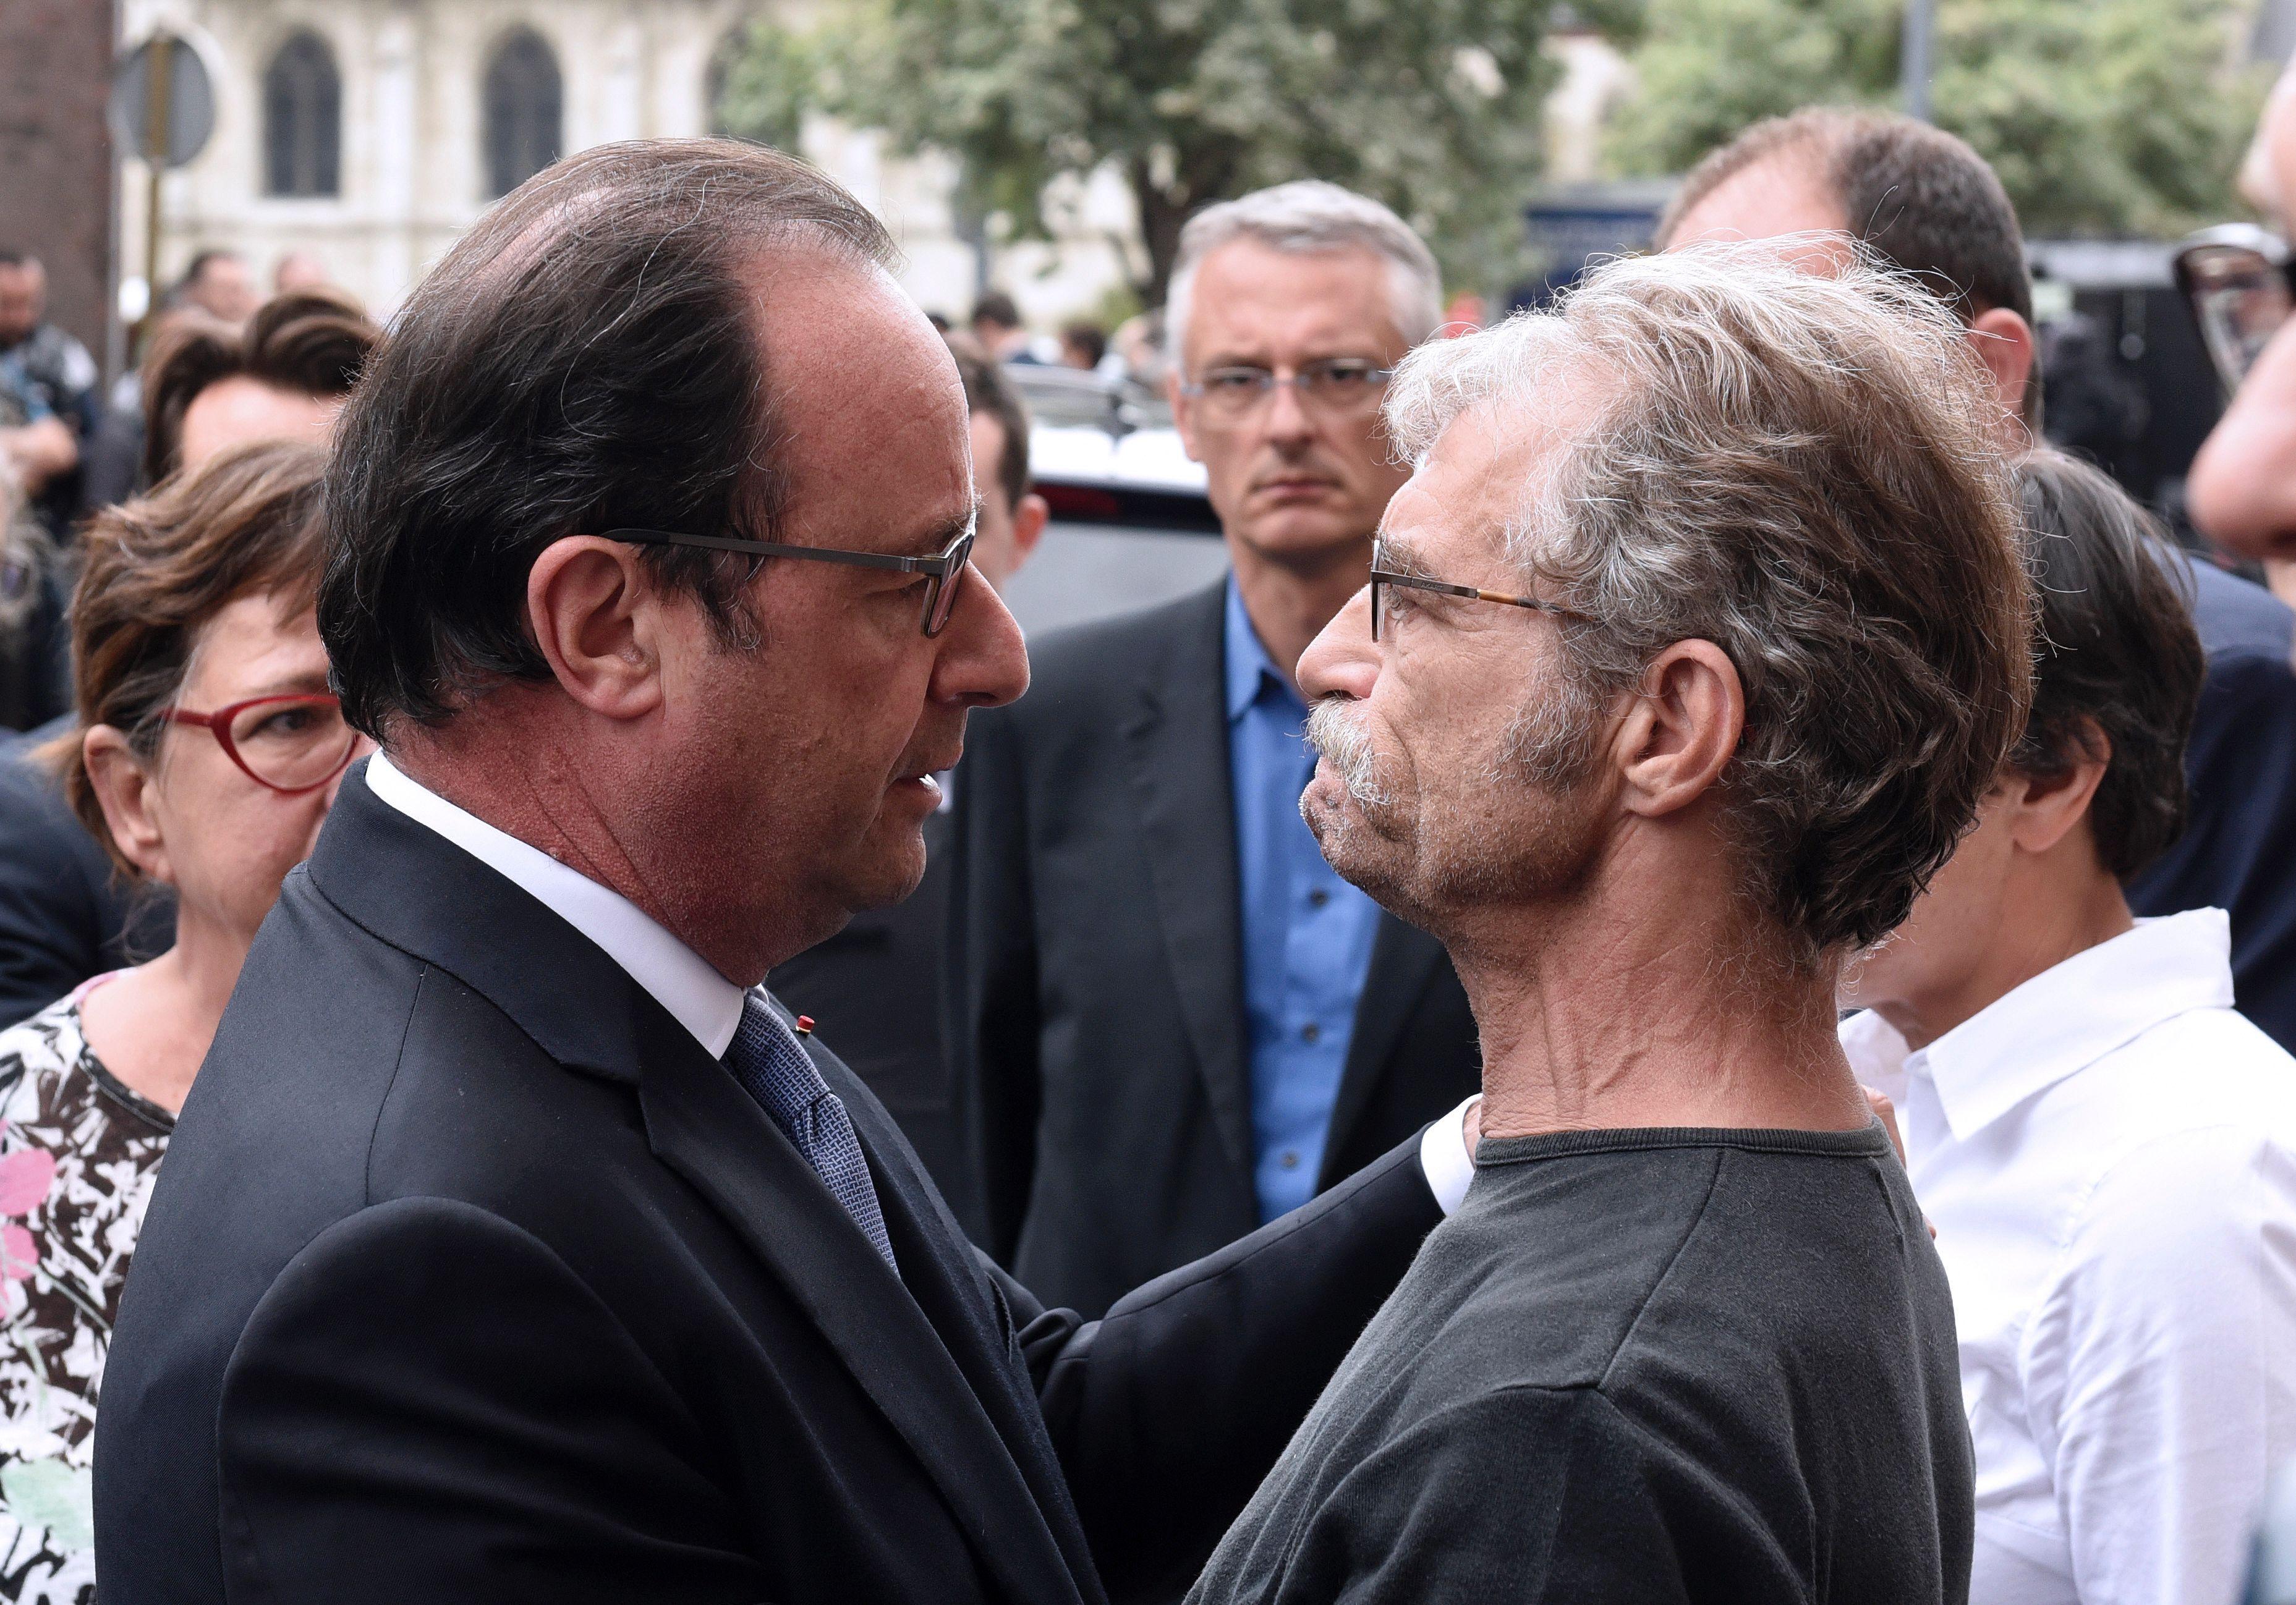 Francois Hollande avec le maire de Saint-Etienne-du-Rouvray,  Hubert Wulfranc, à son arrivée dans la commune ce 26 juillet. (photo AFP)